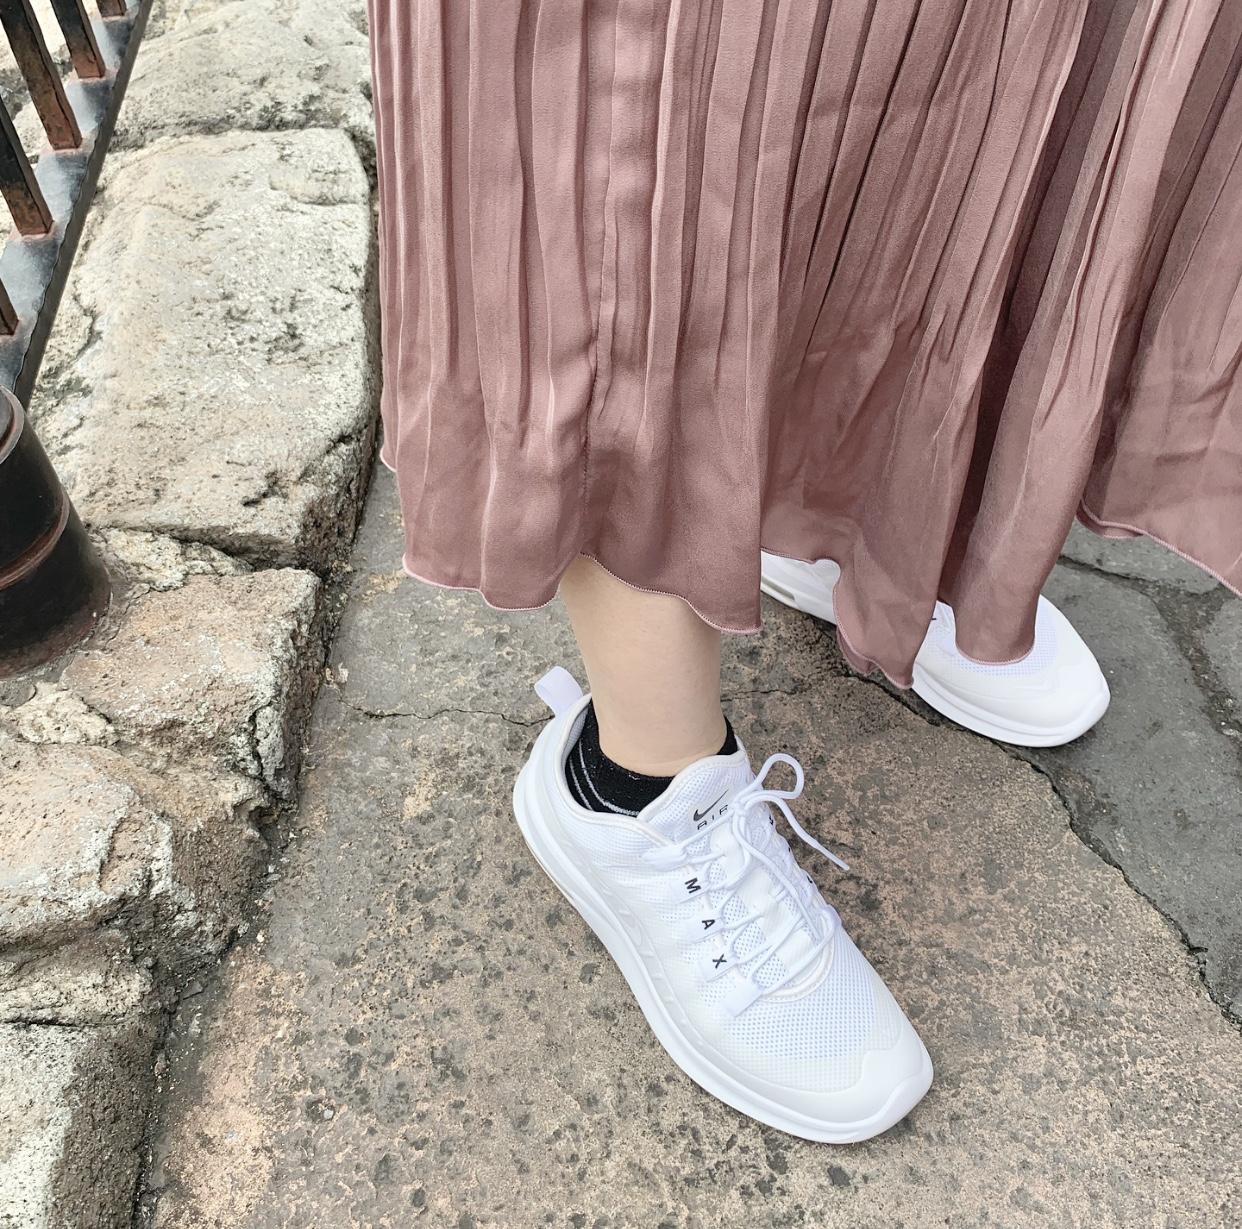 大人っぽいスニーカーコーデ特集《2019年版》 - 20代女子のきれいめカジュアルにおすすめのスニーカーは?_31